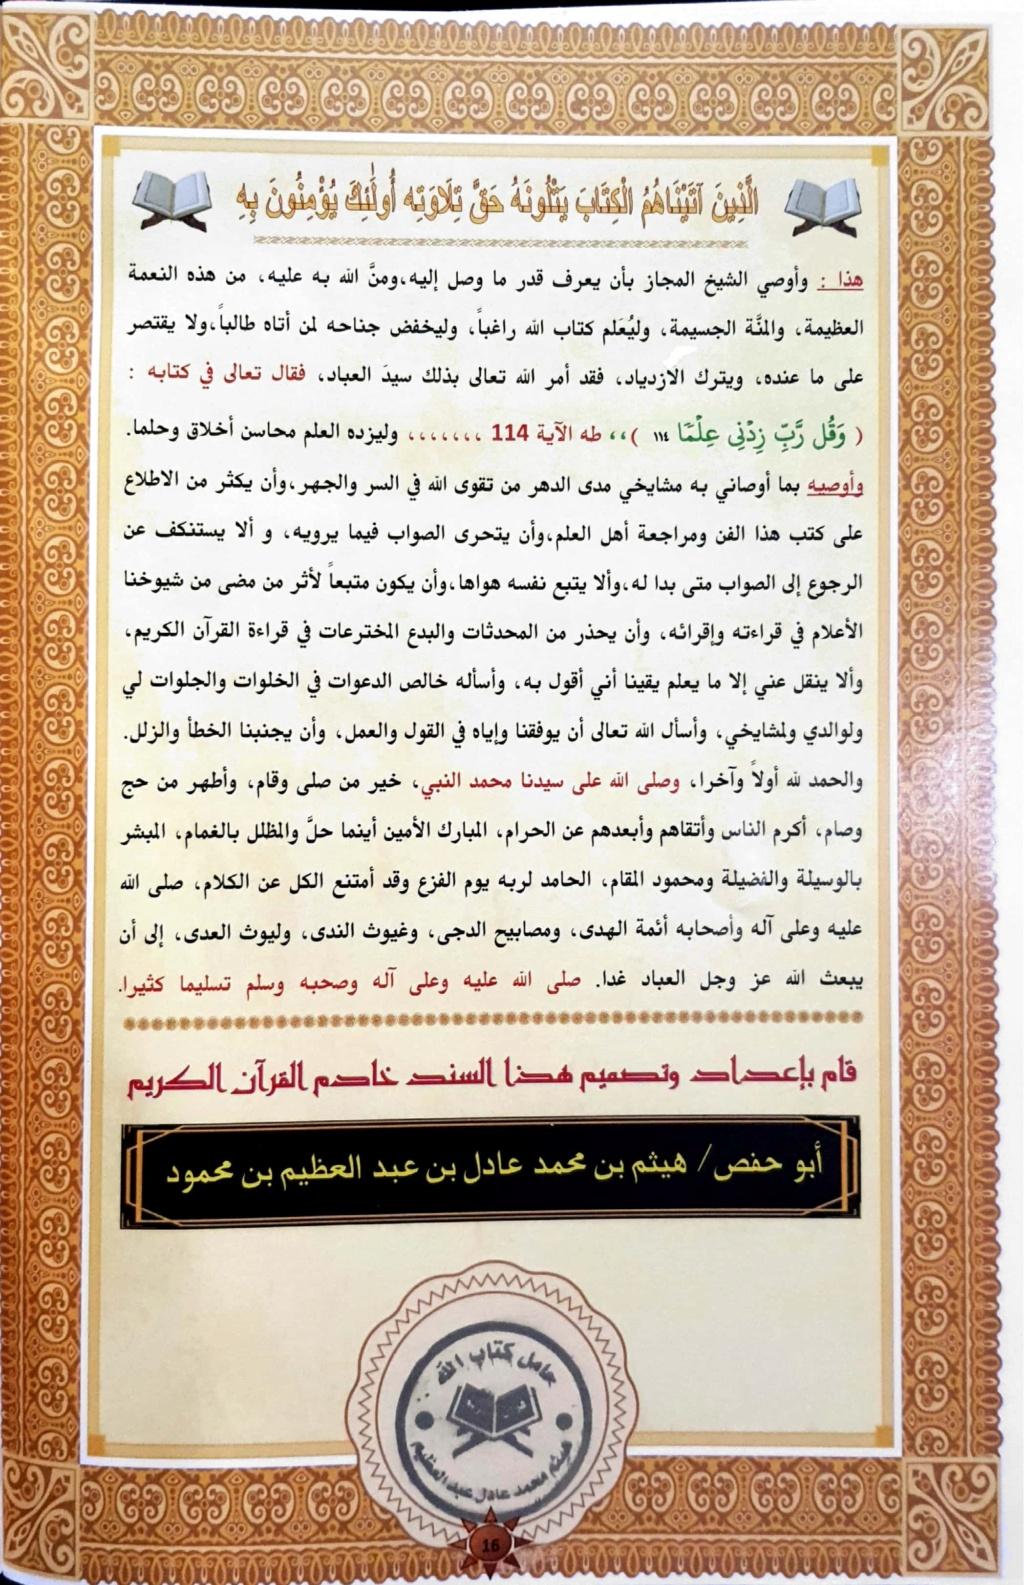 إجازة الشيخ أحمد محمد لبن بقراءة الإمام عاصم  Aeo_aa31